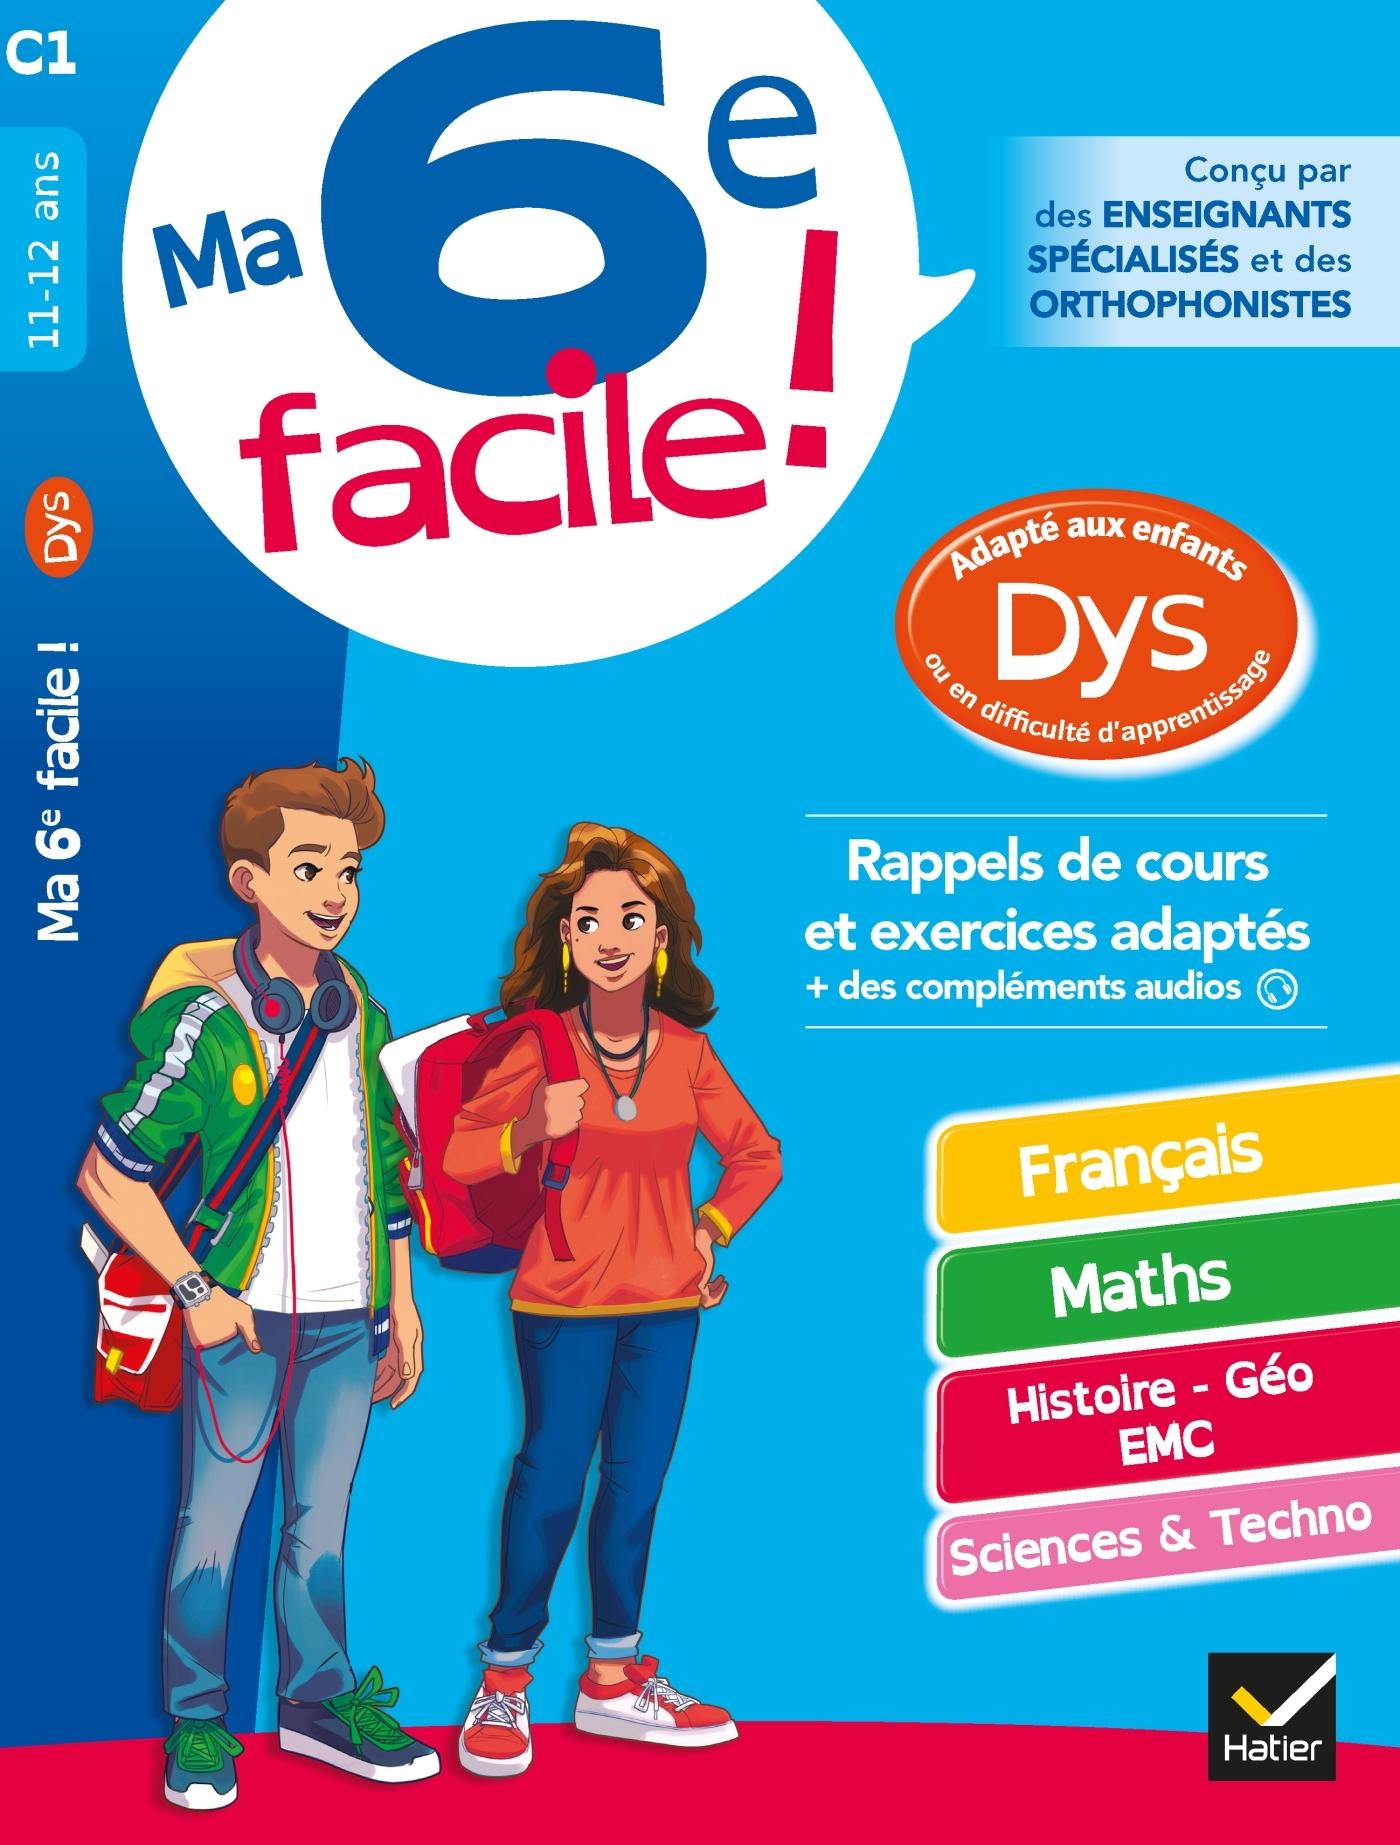 MA 6E FACILE ! ADAPTE AUX ENFANTS DYS OU EN DIFFICULTE D'APPRENTISSAGE - CAHIER D'ENTRAINEMENT TOUTE